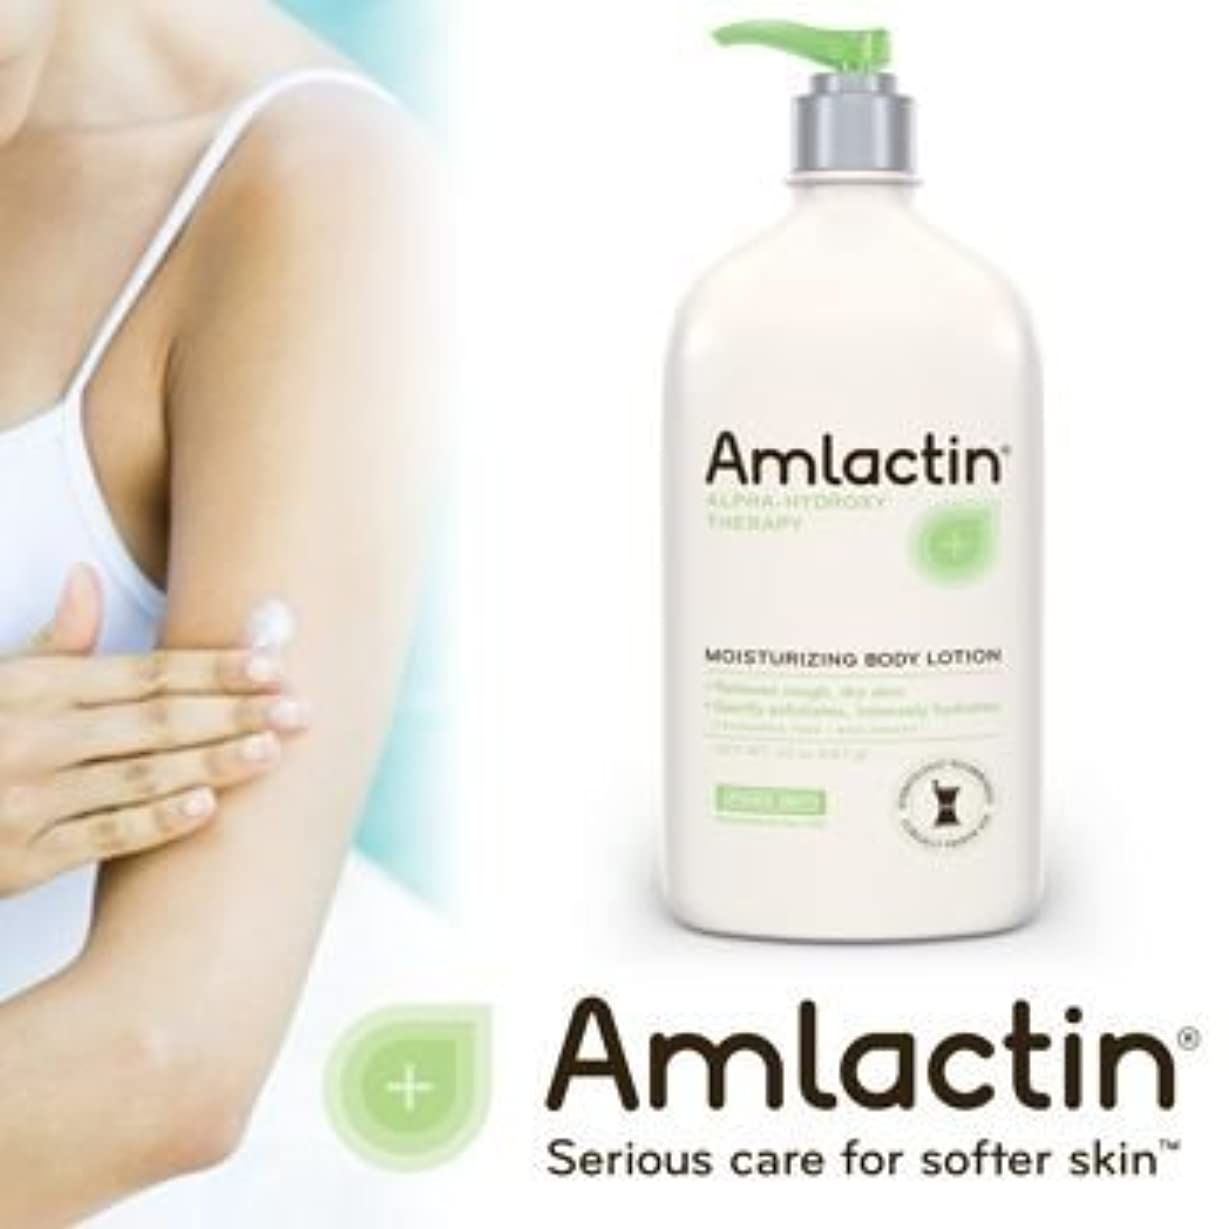 単なる技術者リストアムラクティン 保湿液 (乾燥肌のため) - 12% 乳酸 - AmLactin 12 % Moisturizing Lotion - 500 g / 17.6 oz (Product packaging may vary)